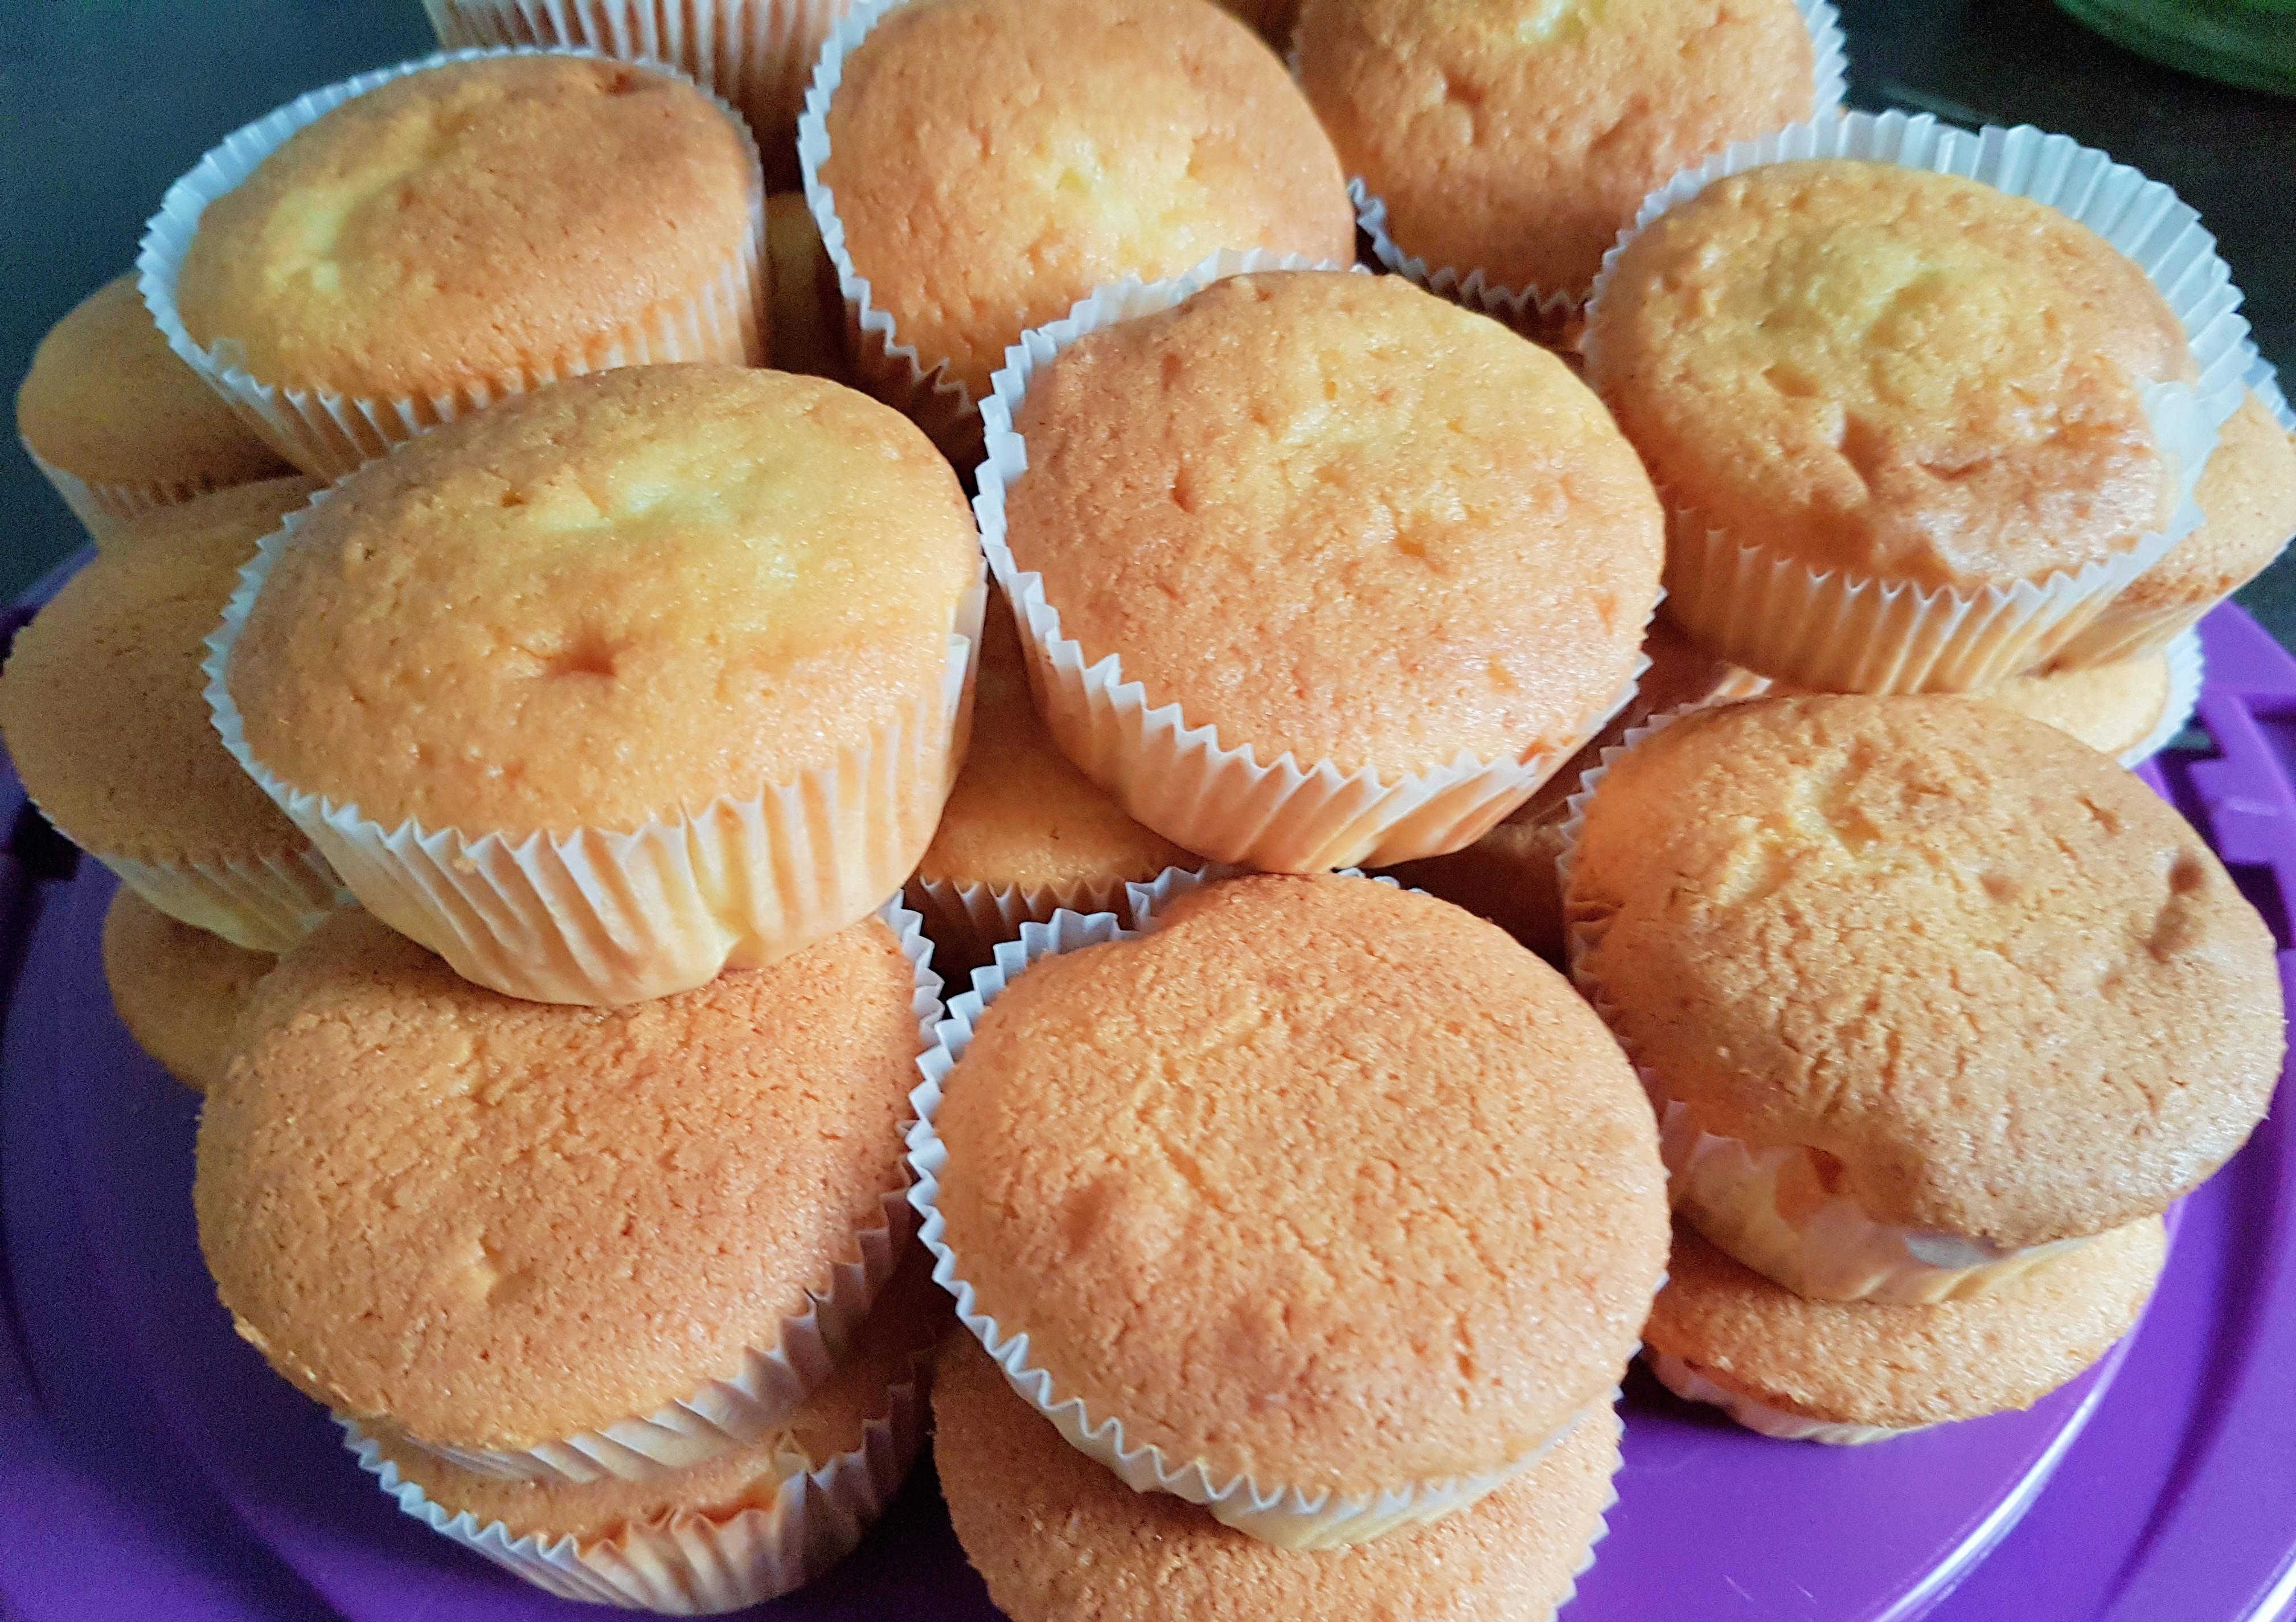 luftig leckere muffins mit einer s en vanille orange note. Black Bedroom Furniture Sets. Home Design Ideas